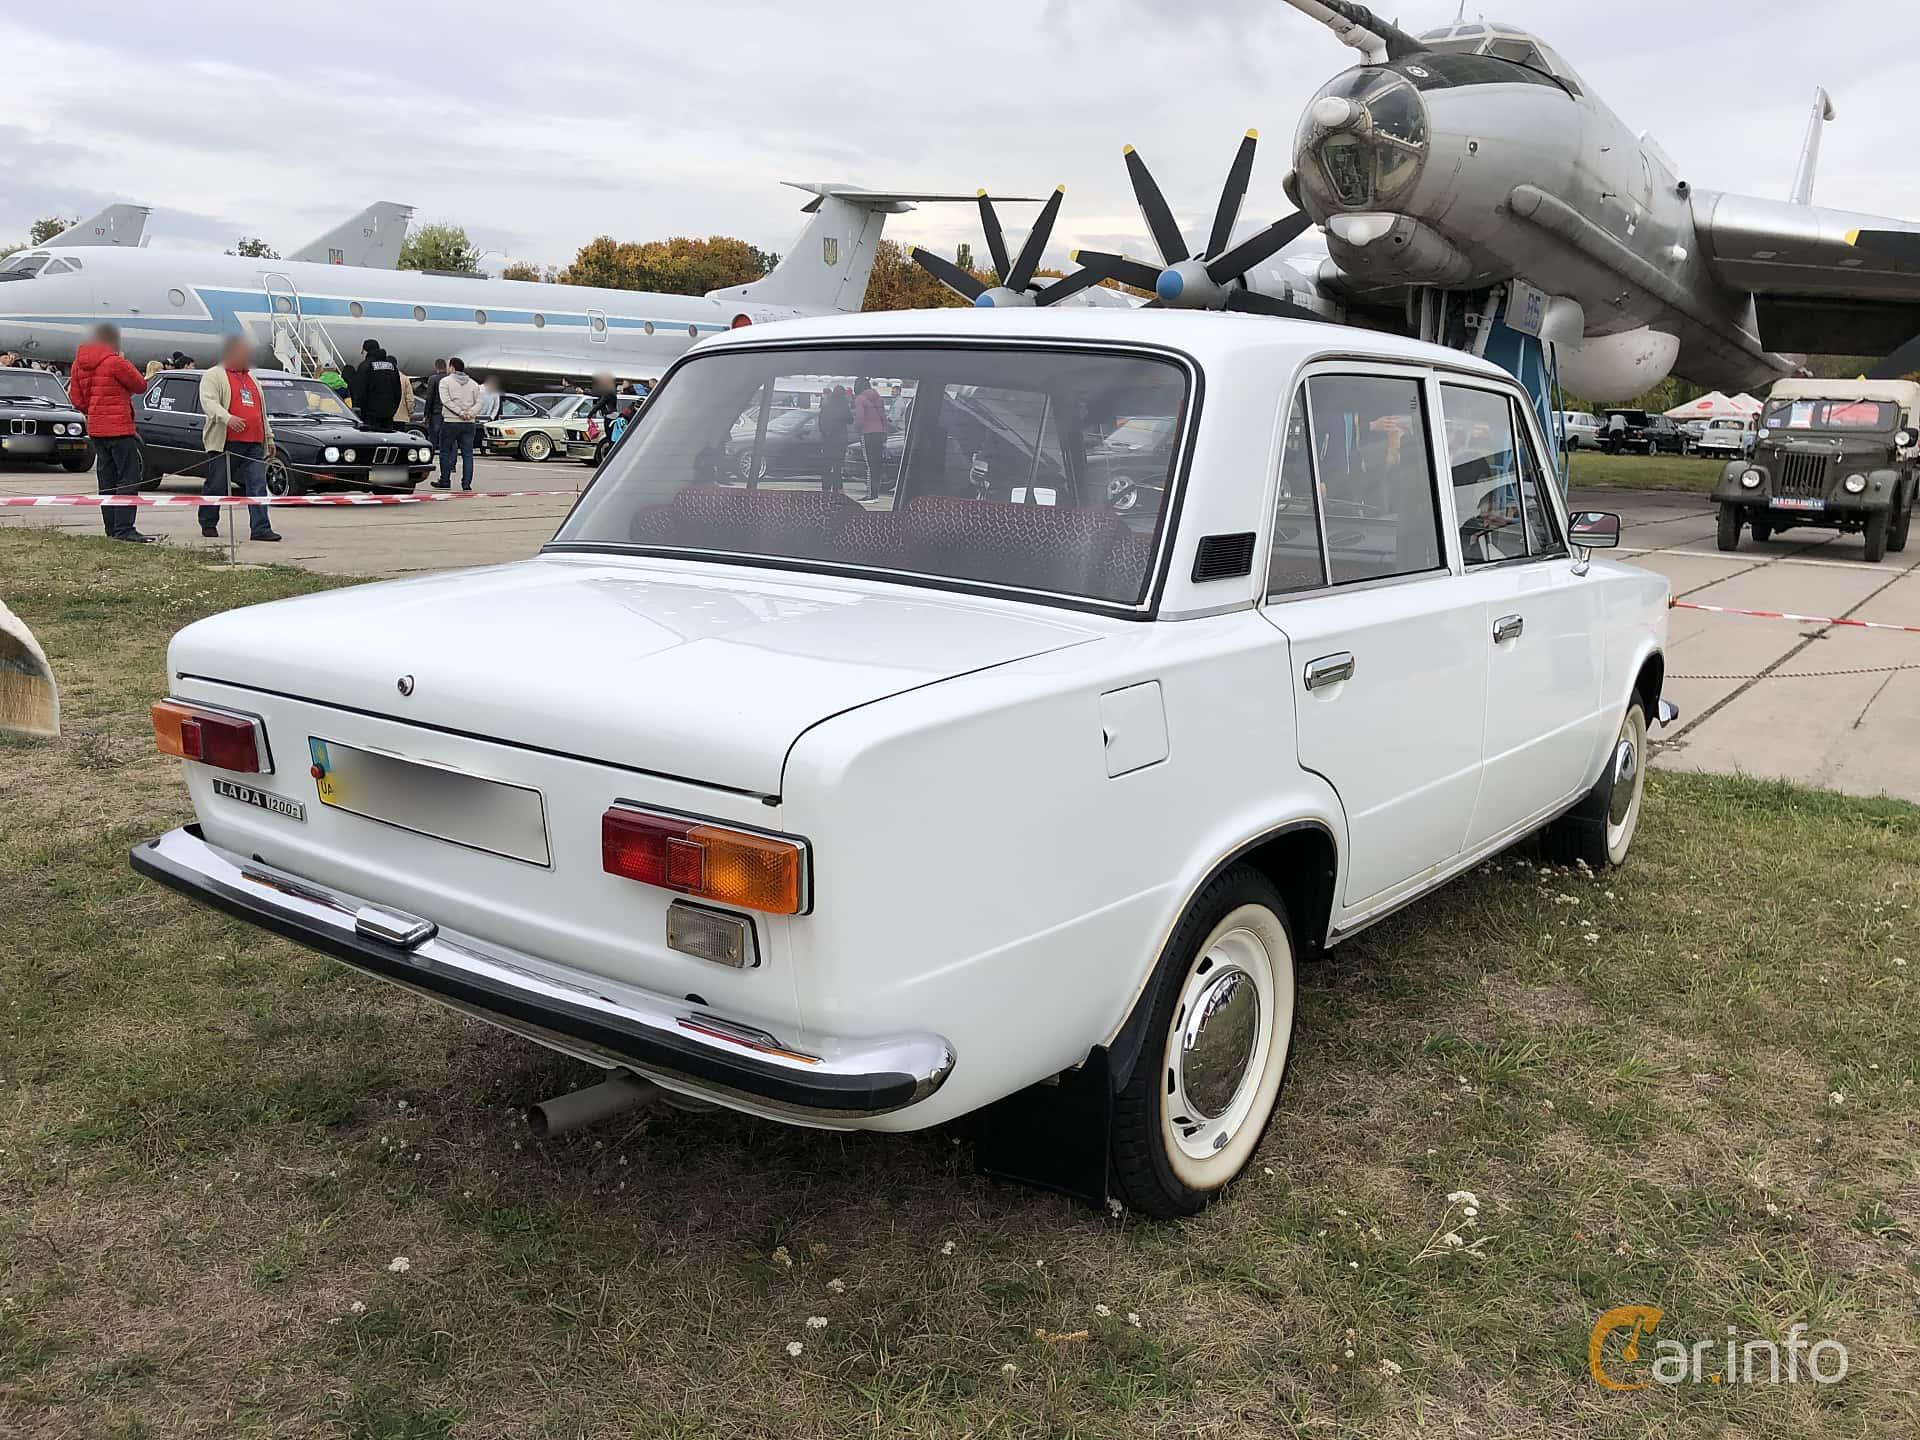 Lada 1200S 1.2 Manual, 64hp, 1984 at Old Car Land no.2 2019